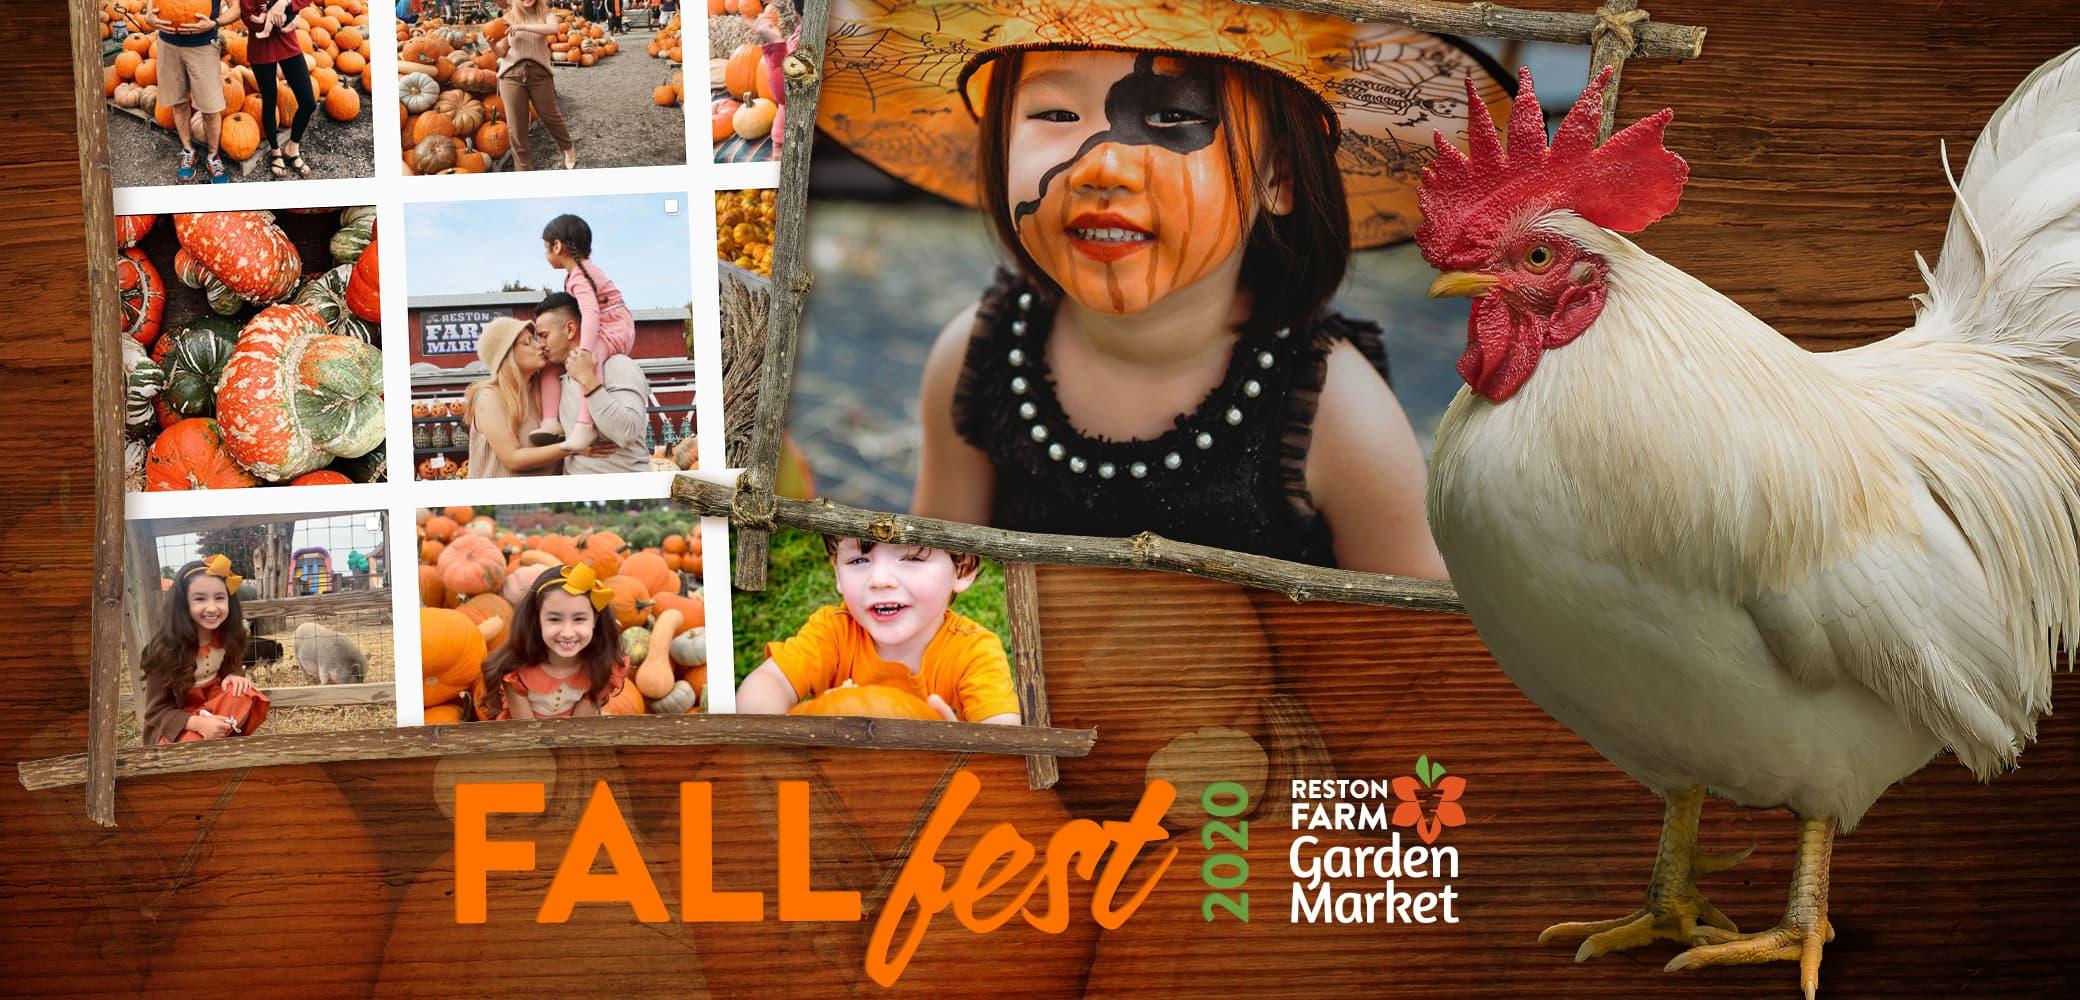 Reston Farm Garden Market Event Marketing by Red Chalk Studios